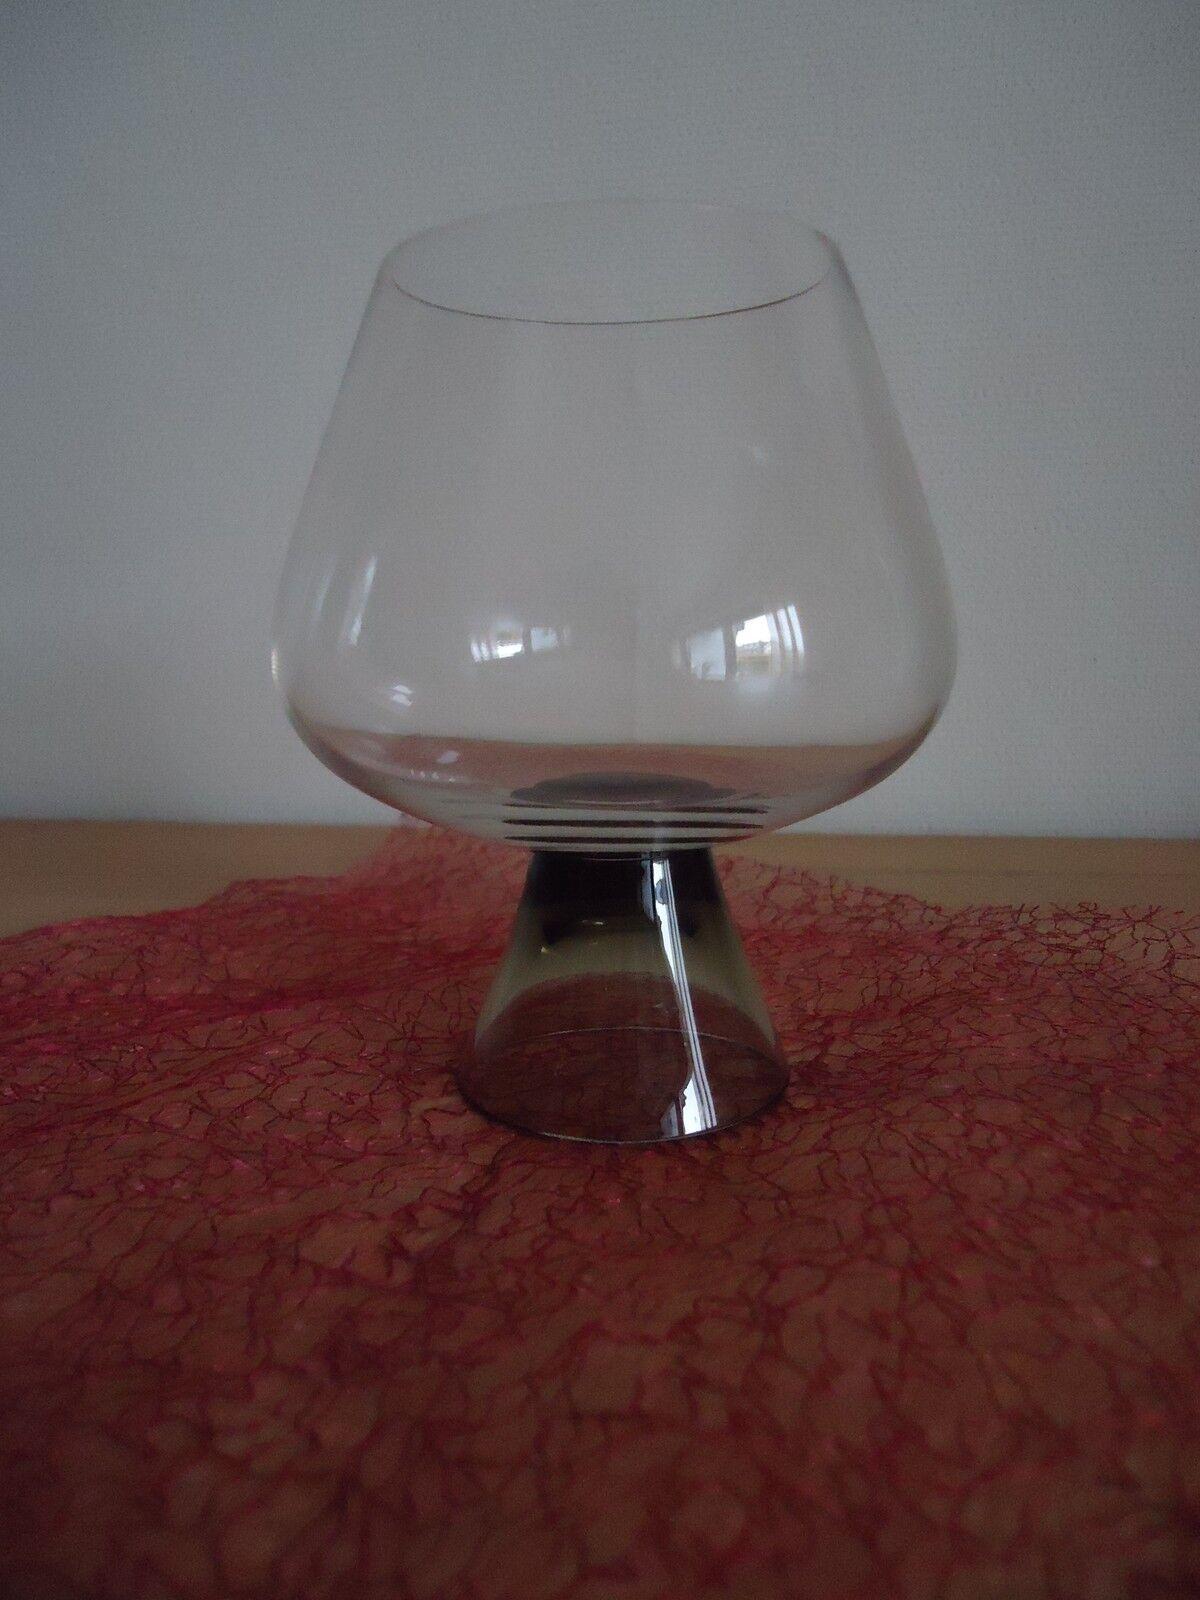 3 3 3 edle Cognac-Schwenker von Rosanthal aus Klarglas mit Rauchglas-Fuß TOP-Zustand   Gewinnen Sie das Lob der Kunden  aa6198